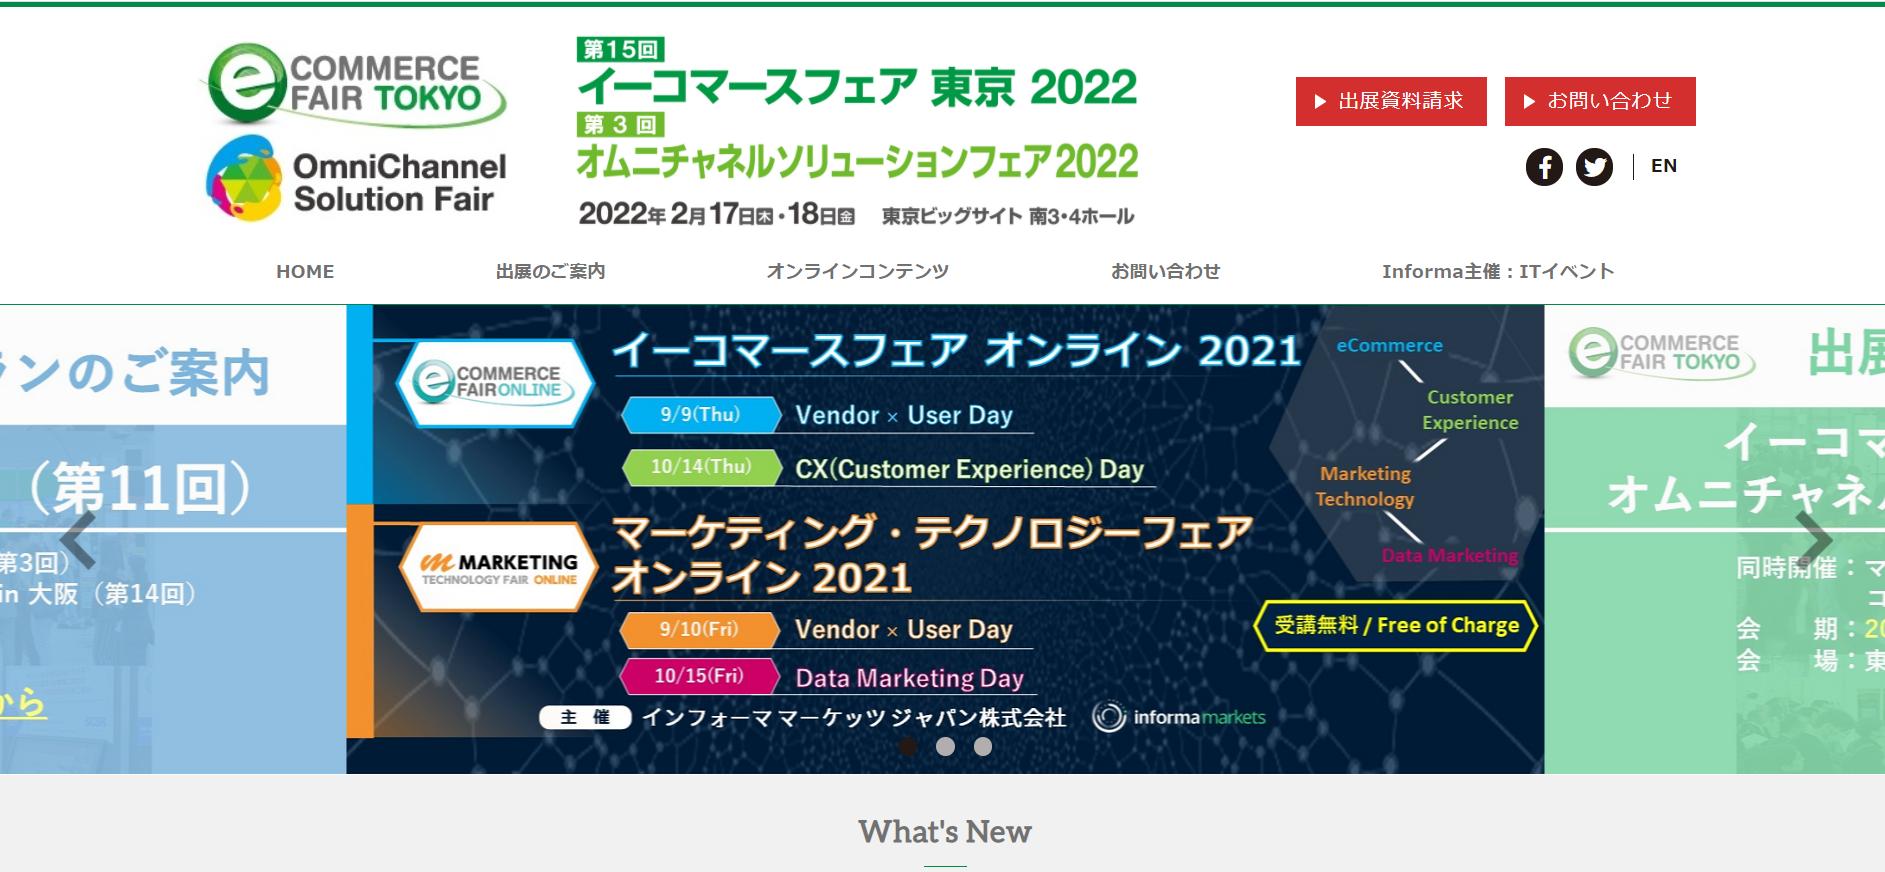 マーケティング・テクノロジーフェアオンライン2021